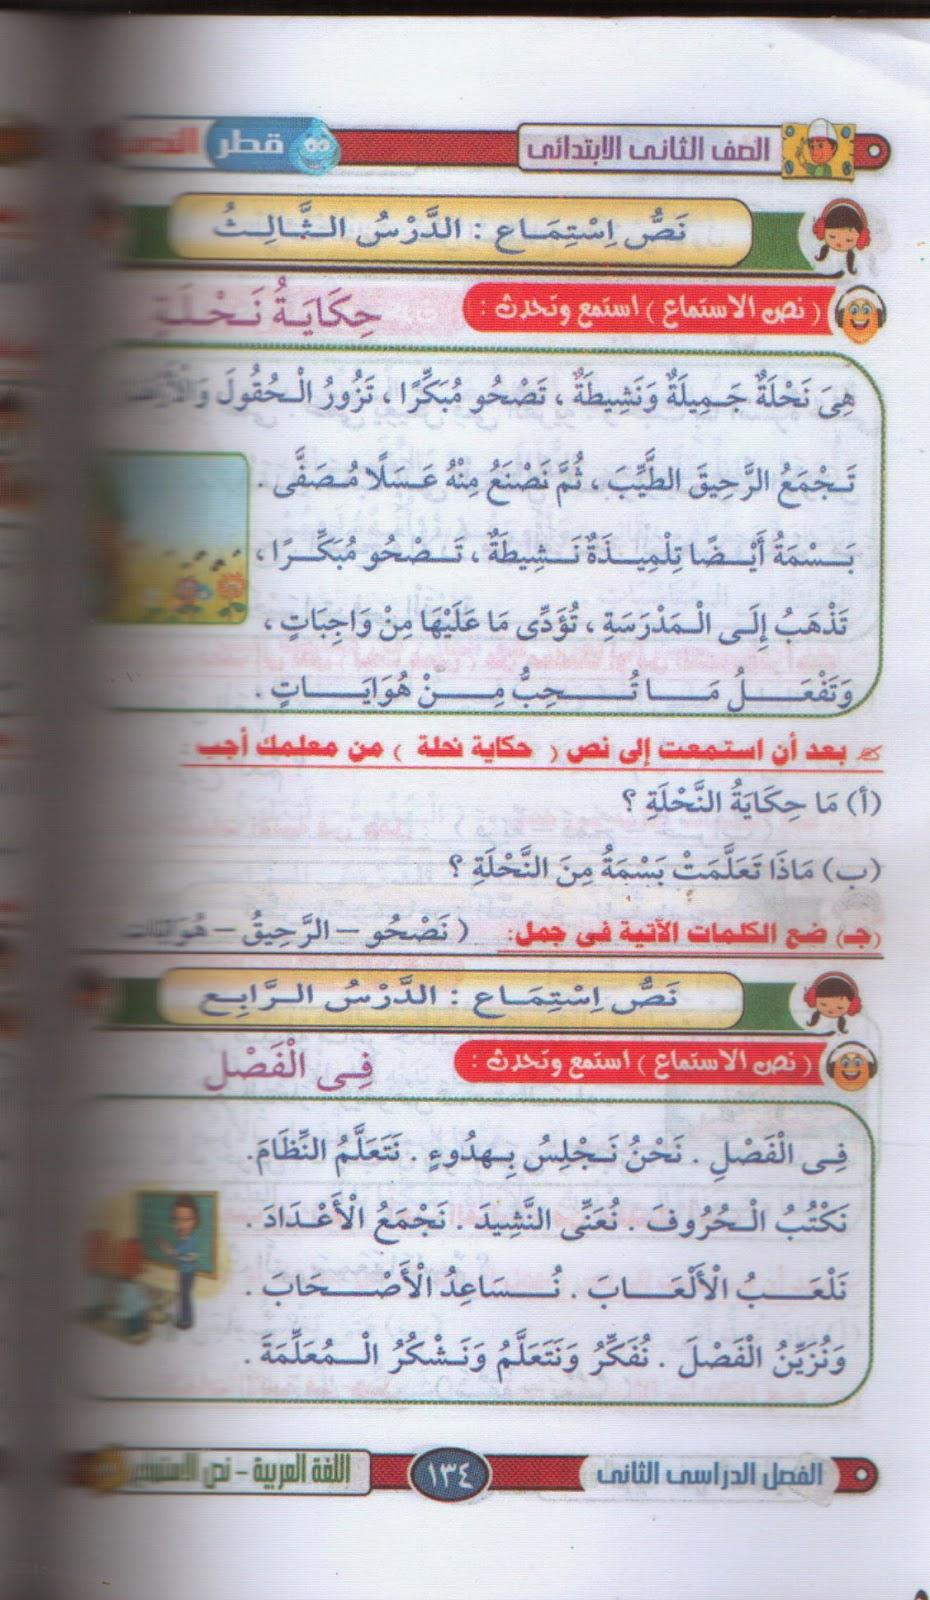 دروس اللغة العربية الكاملة الغير منهجية للصف الثانى الإبتدائى ترم ثانى 2015 5.jpg